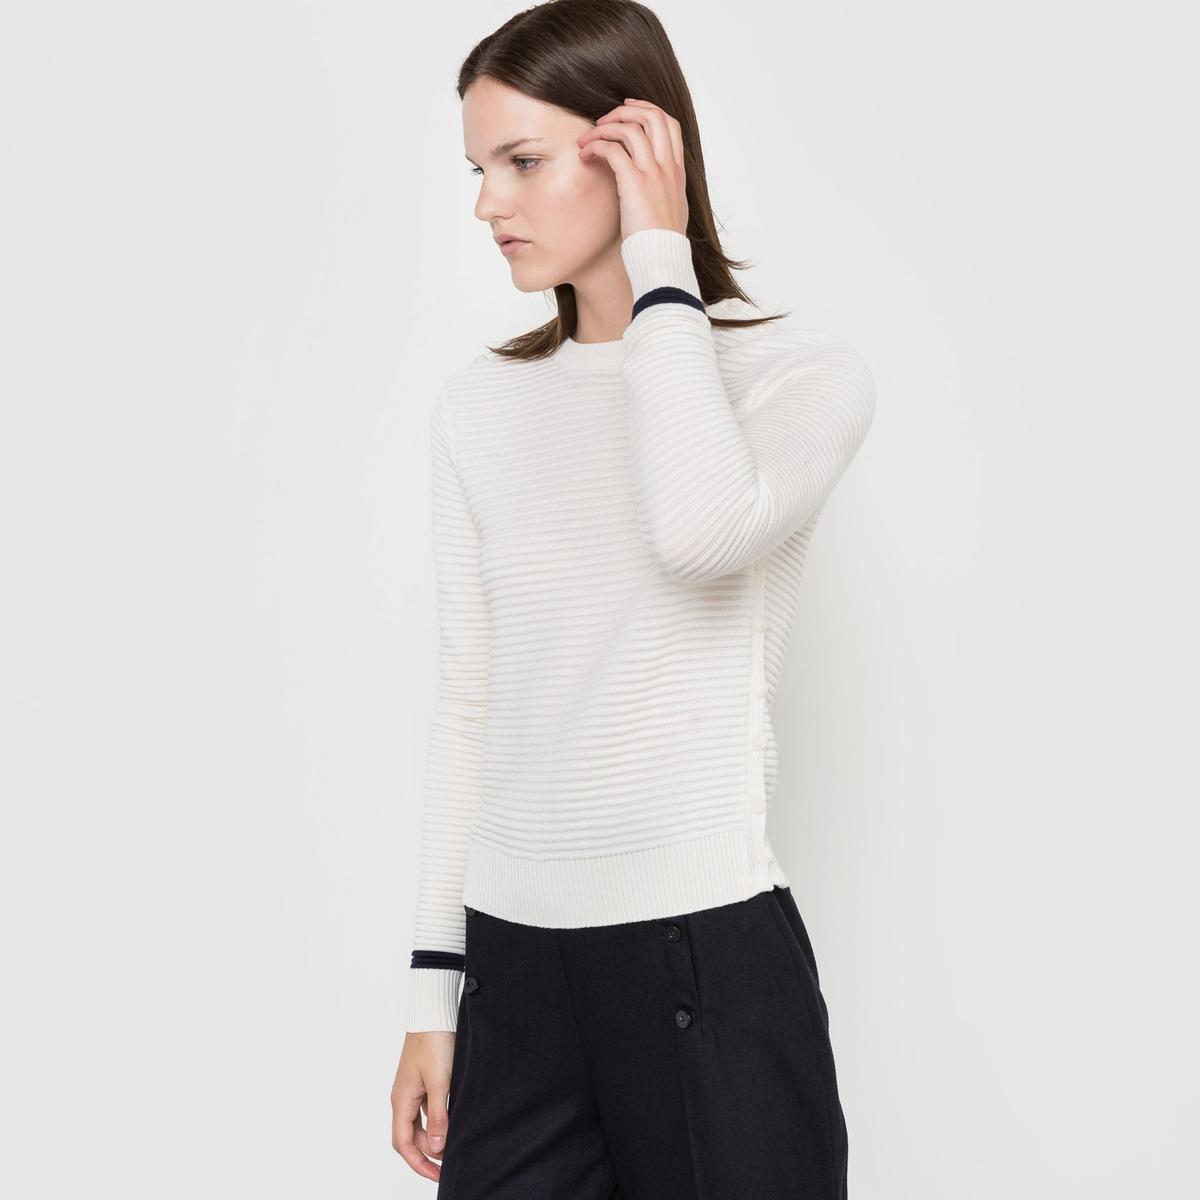 Пуловер с круглым вырезом, 100% шерсти мериносаПуловер с круглым вырезом и застежкой на 3 пуговицы на плечах. Длинные рукава. Пуговицы по бокам.  Состав и описаниеМатериал: 100% шерсти мериноса.Длина 52 см.Марка: CORALIE MARABELLE  УходРучная стирка - Гладить на низкой температуре - Не отбеливать - Машинная сушка запрещена.<br><br>Цвет: красный/ кирпичный<br>Размер: 42/44 (FR) - 48/50 (RUS)